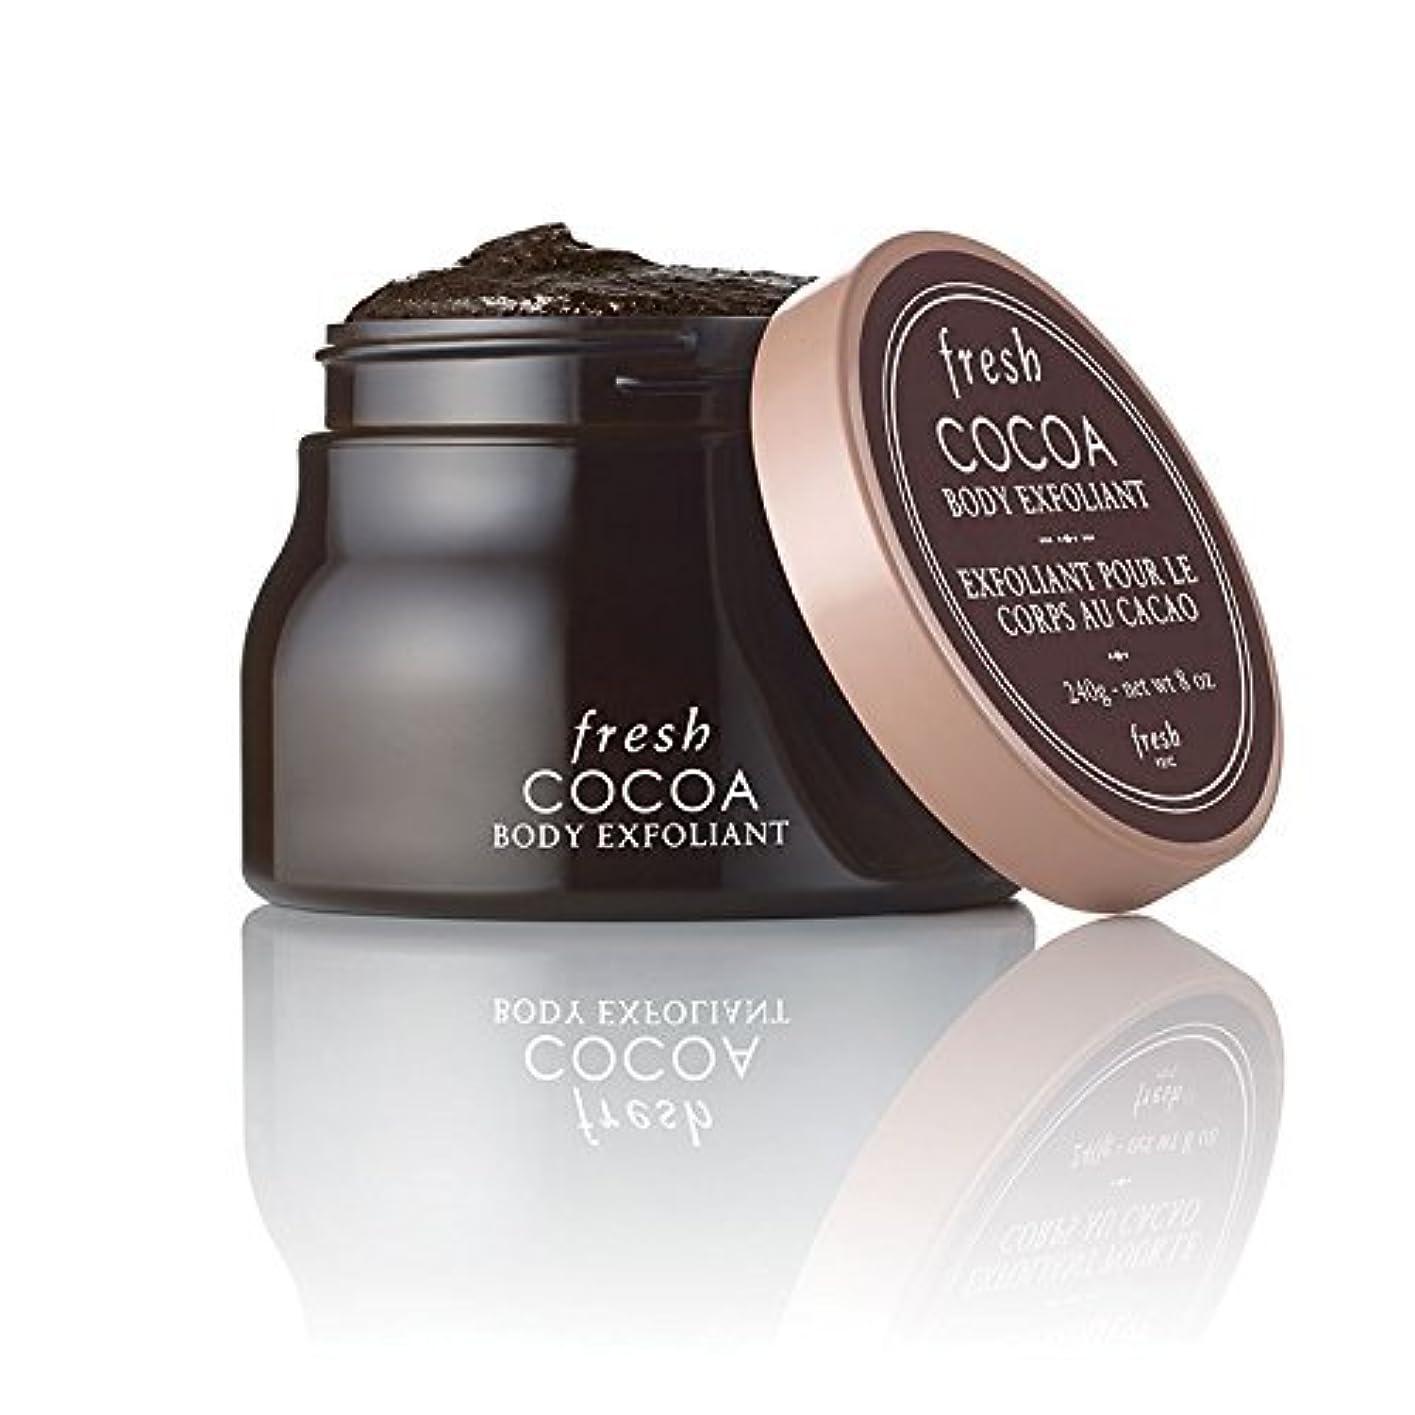 起きて旅行者パントリーFresh Cocoa Body Exfoliant (フレッシュ ココア ボディー エクスフォリアント) 150g by Fresh for Women